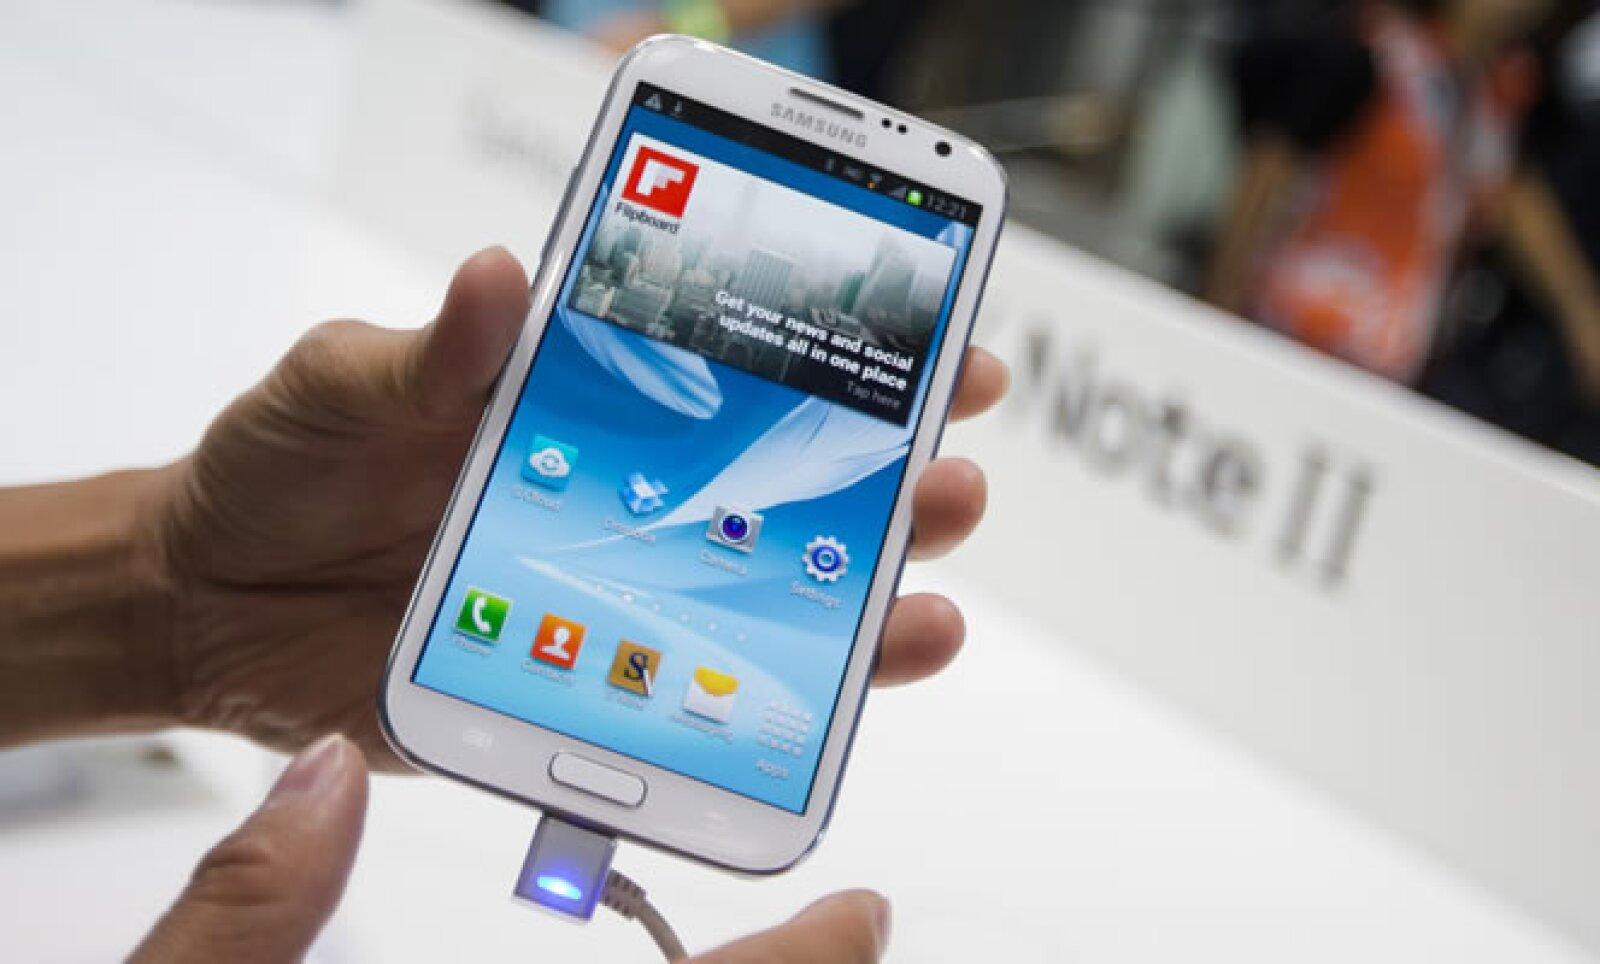 La empresa presentó la nueva versión del Galaxy NotE a la prensa, luego de perder una batalla de patentes con Apple.